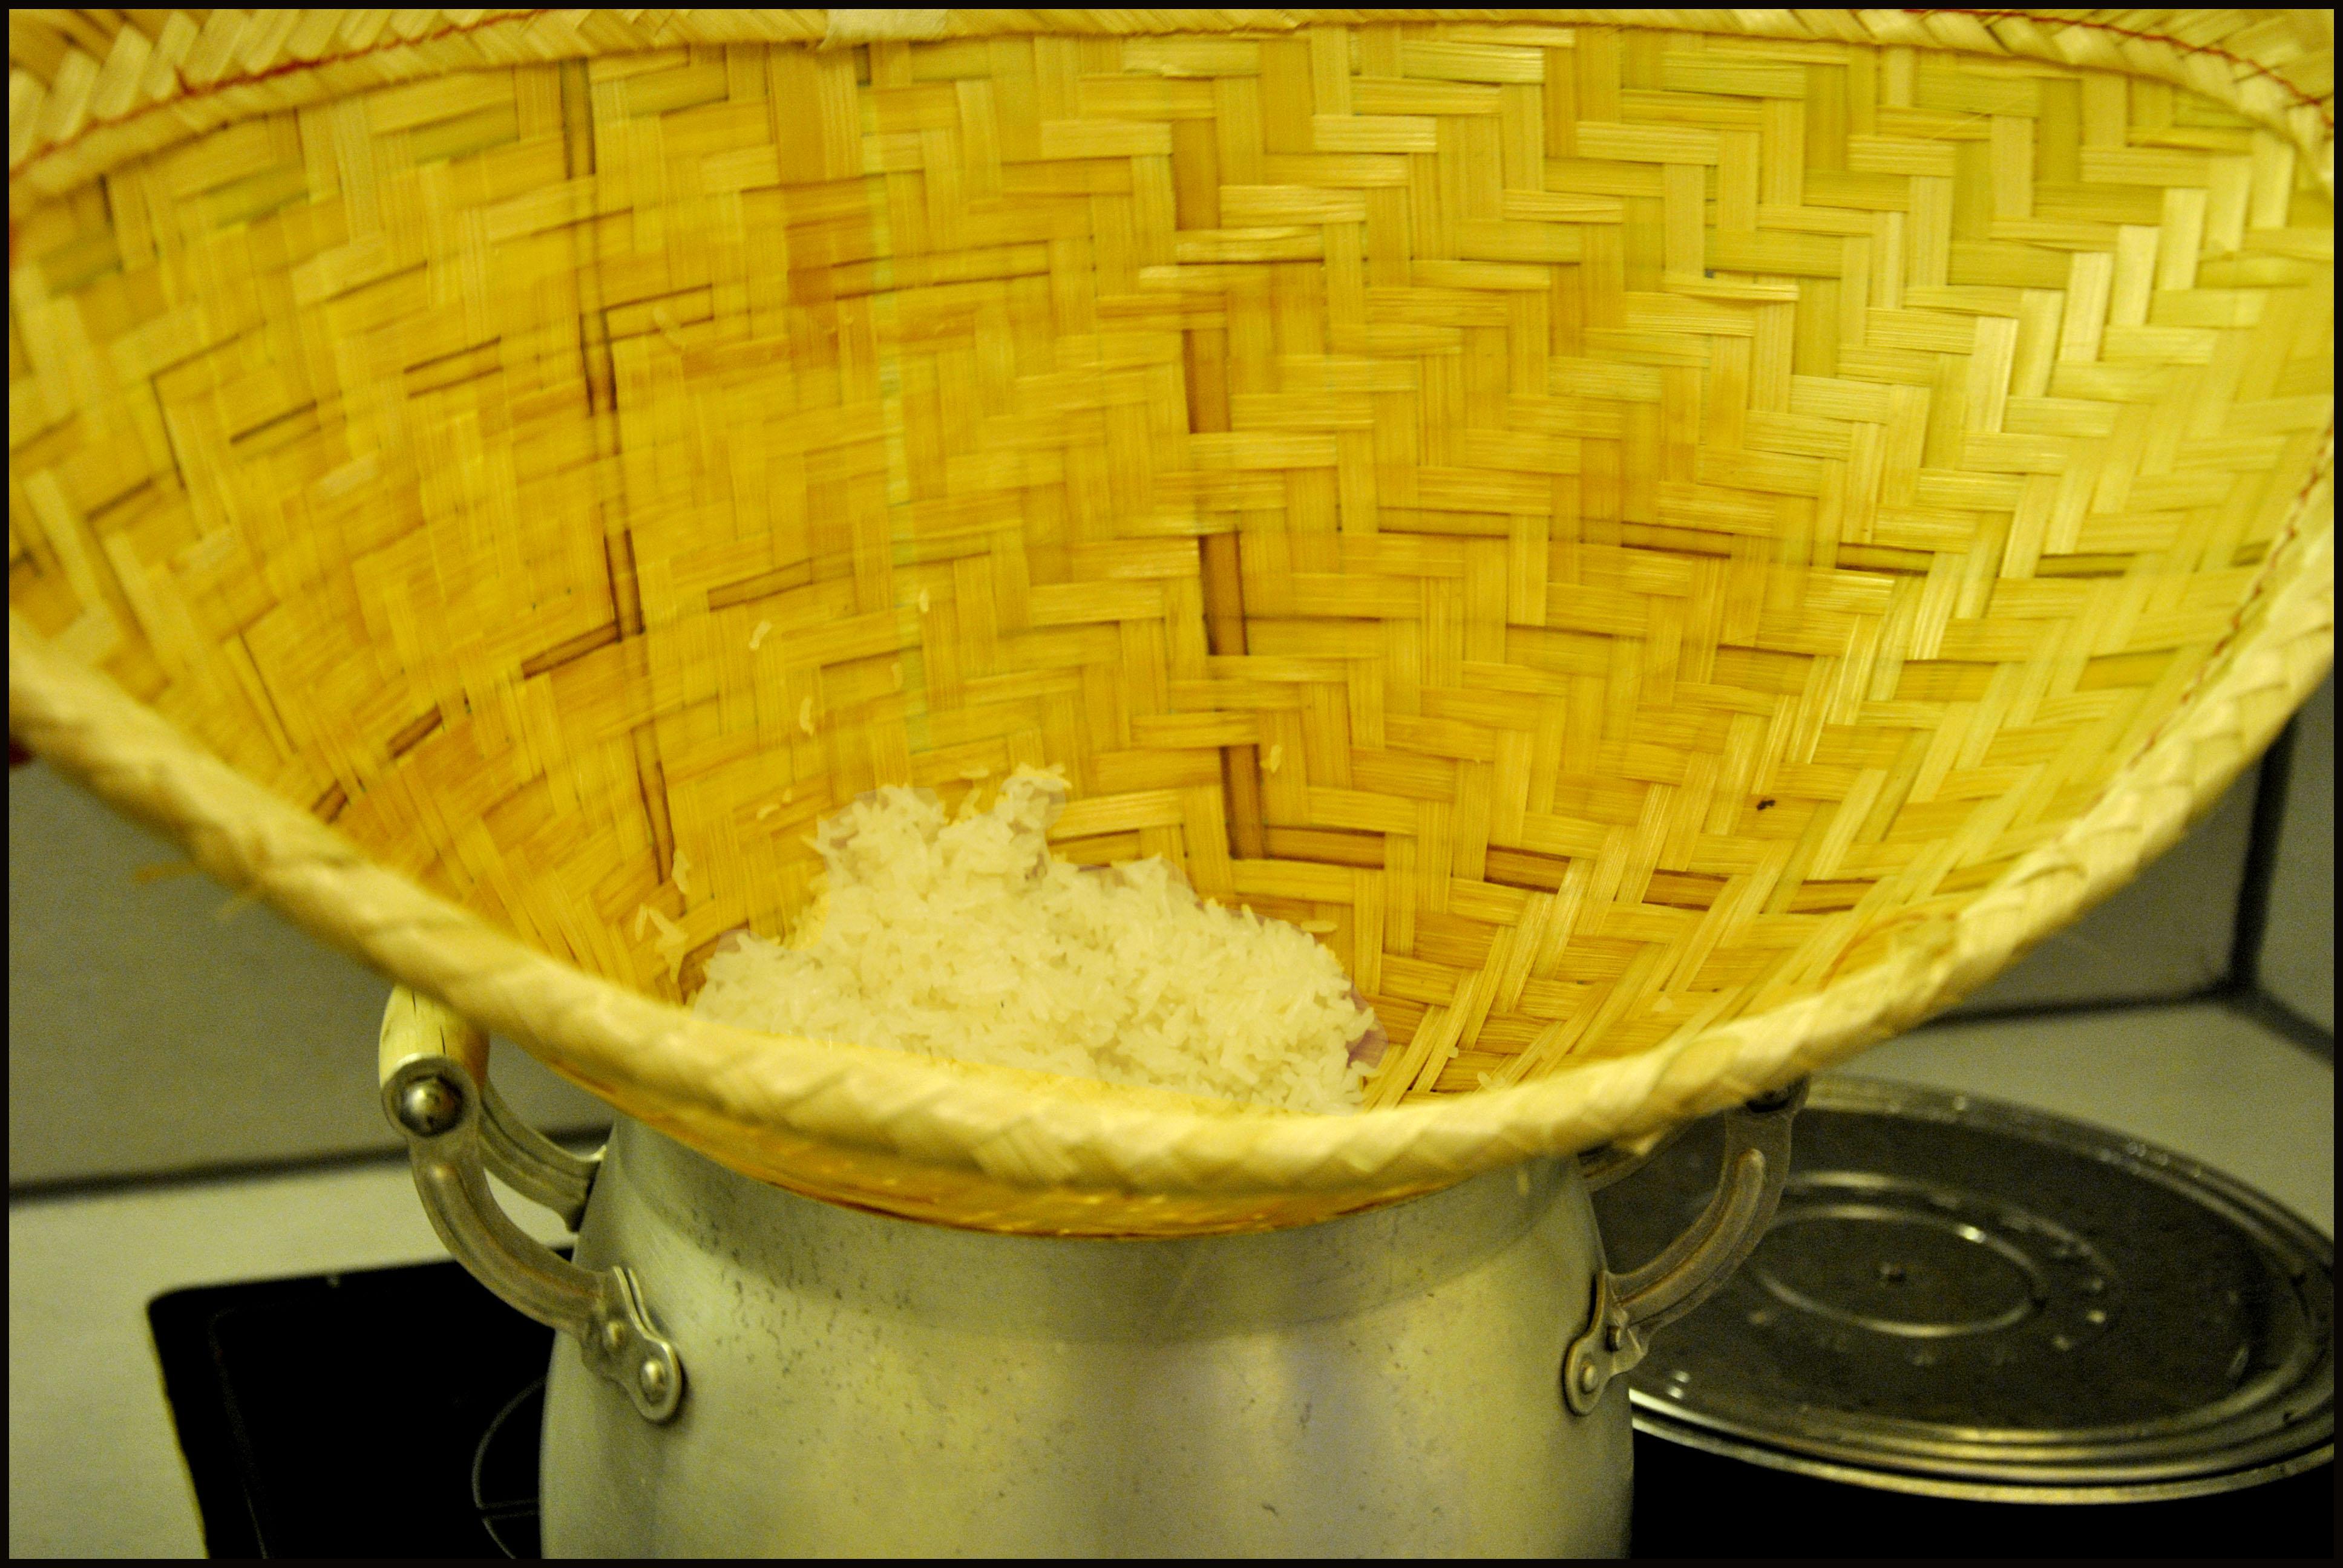 Riz gluant sticky rice un livre un th et des petits - Riz au cuit vapeur ...